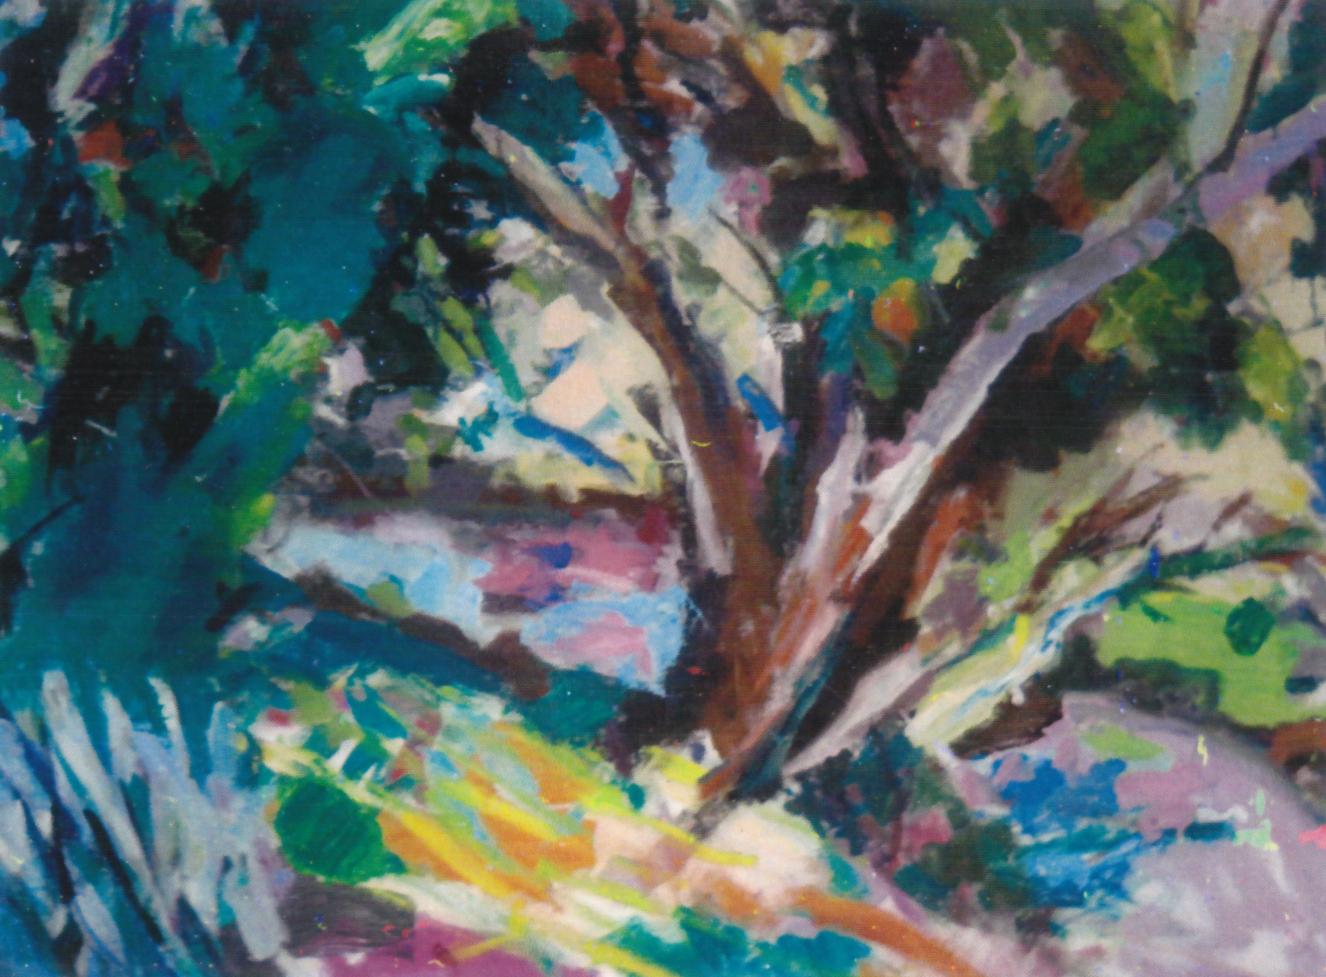 Louis Finklestein Trees by Water